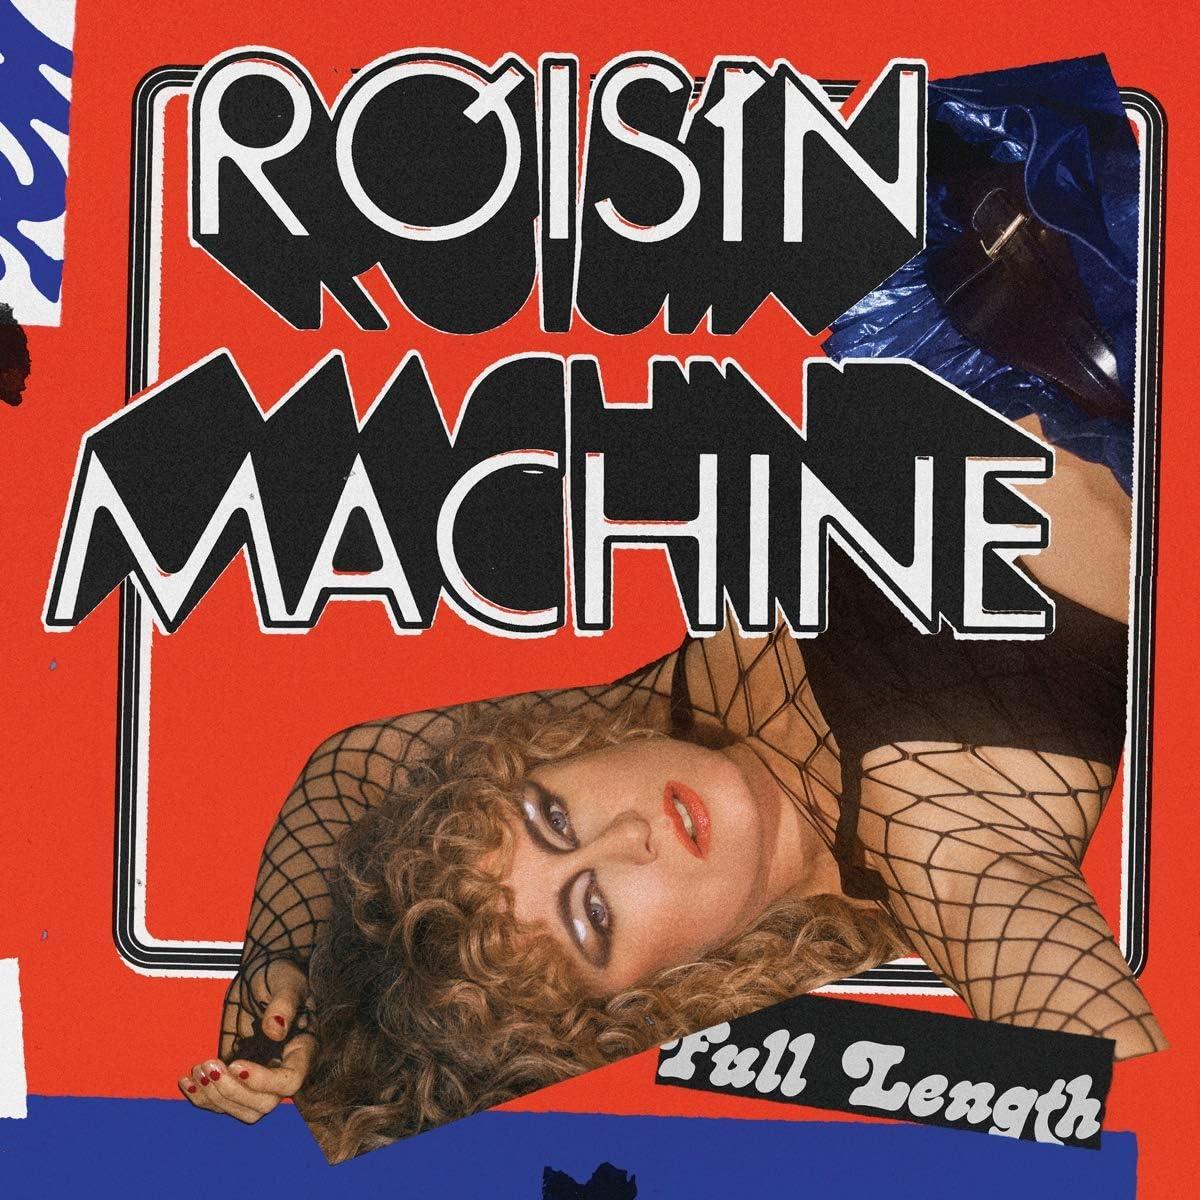 Roisin Machine by Roisin Murphy: Amazon.co.uk: Music